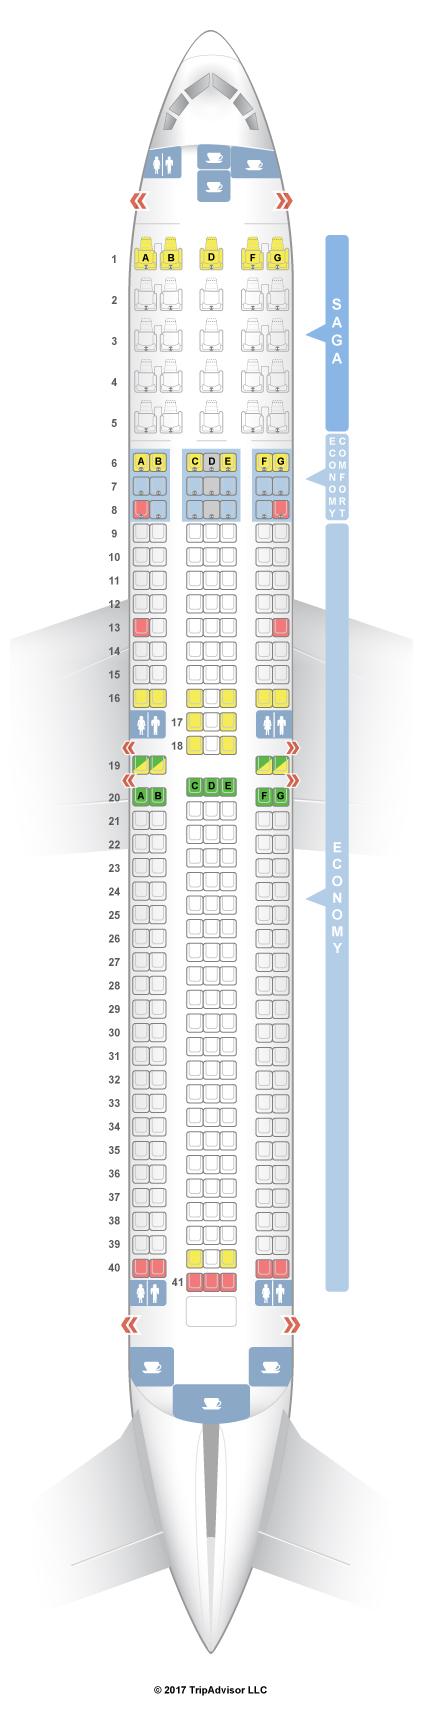 Seatguru Seat Map Icelandair Boeing 767 300er 76w